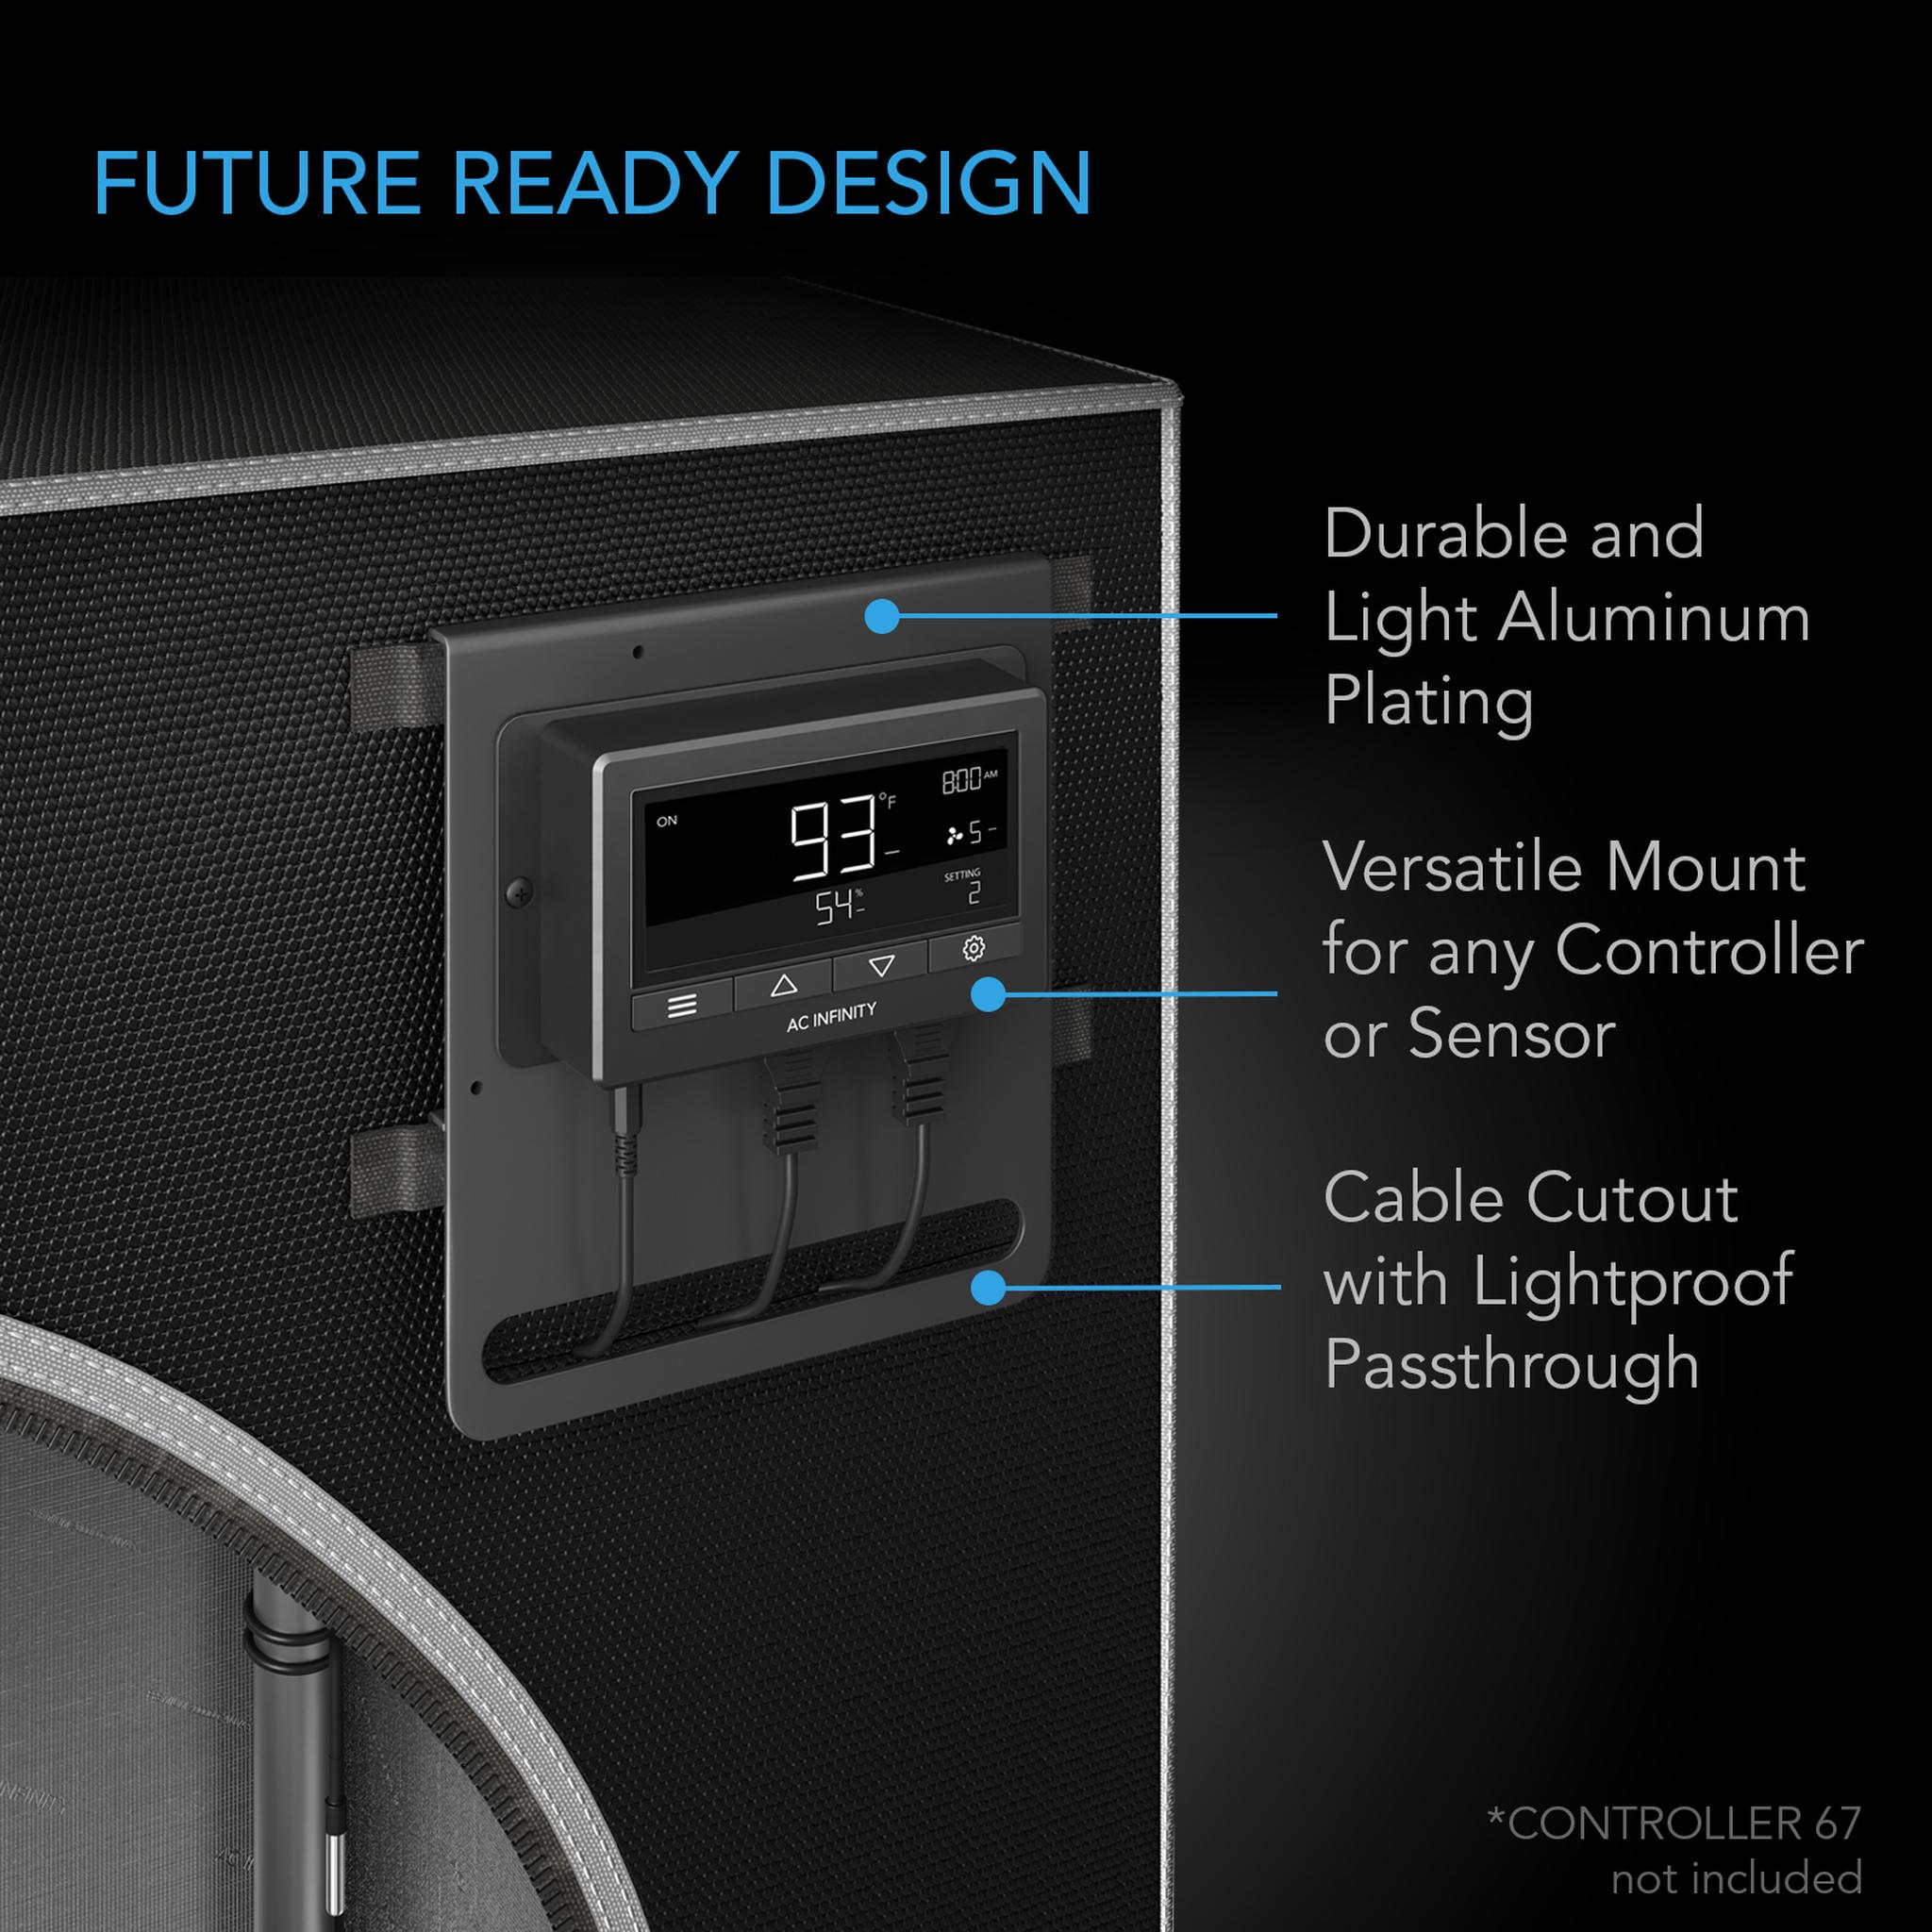 Future Ready Design